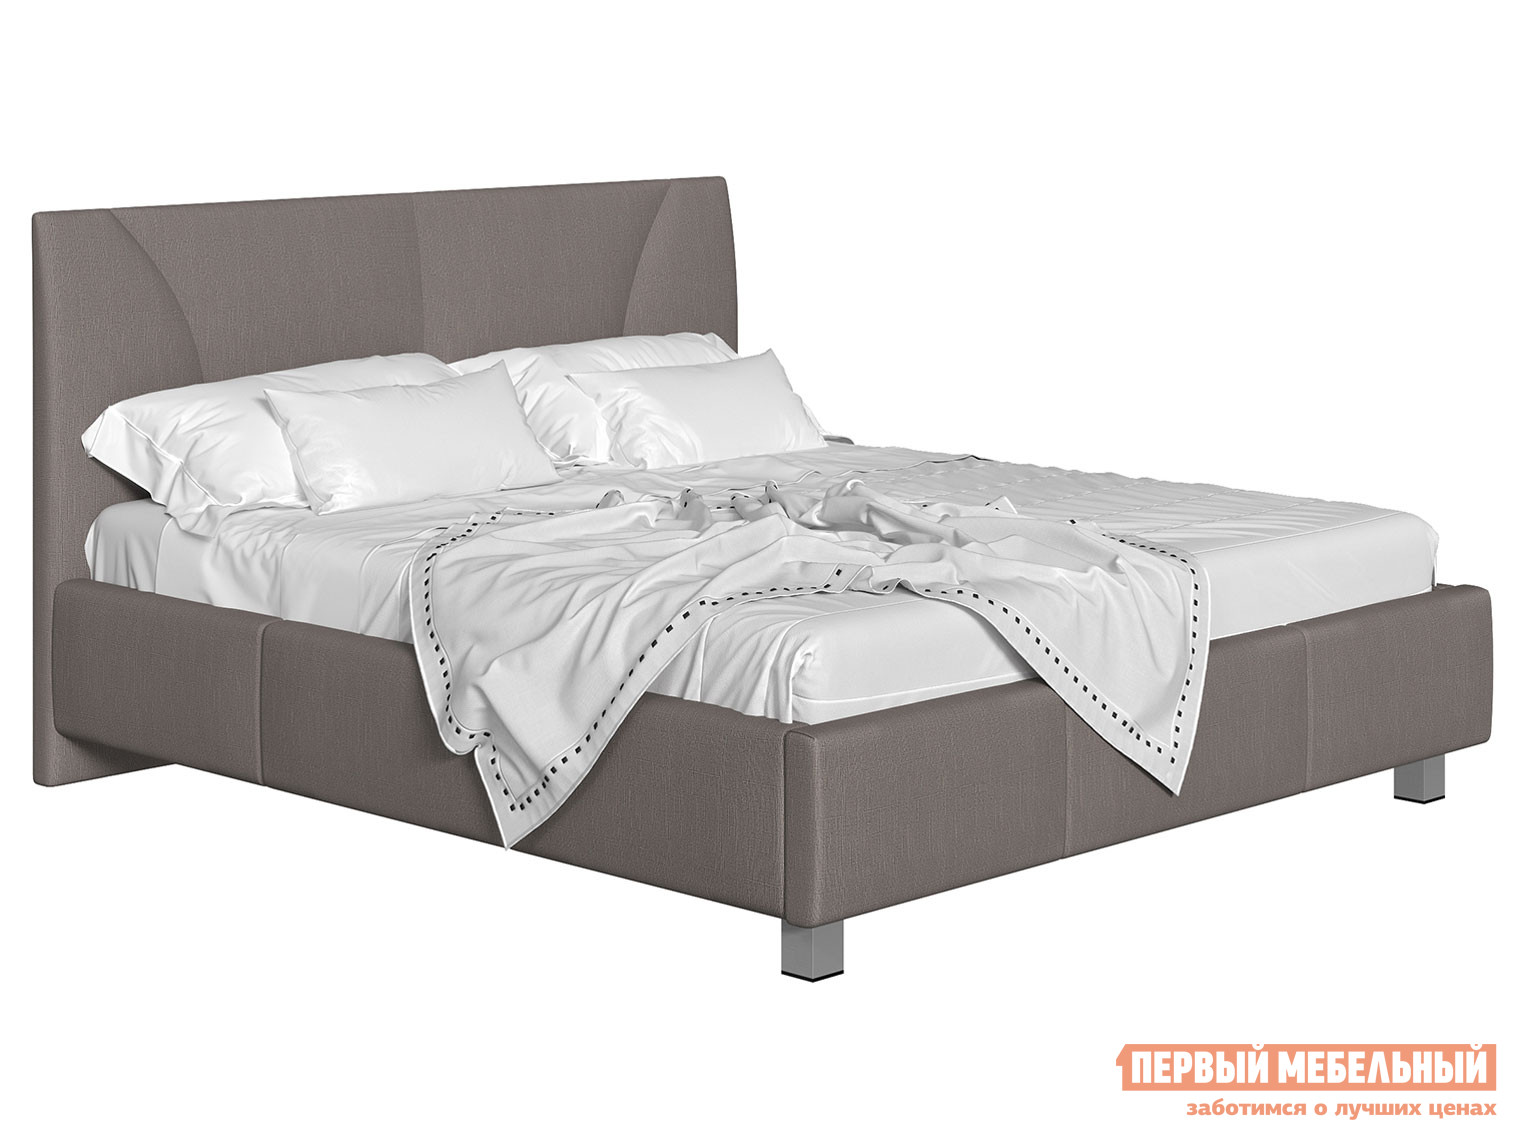 Двуспальная кровать Первый Мебельный Кровать с подъемным механизмом Севилья двуспальная кровать elisa аскона элиза с пм с подъемным механизмом 200 x 200